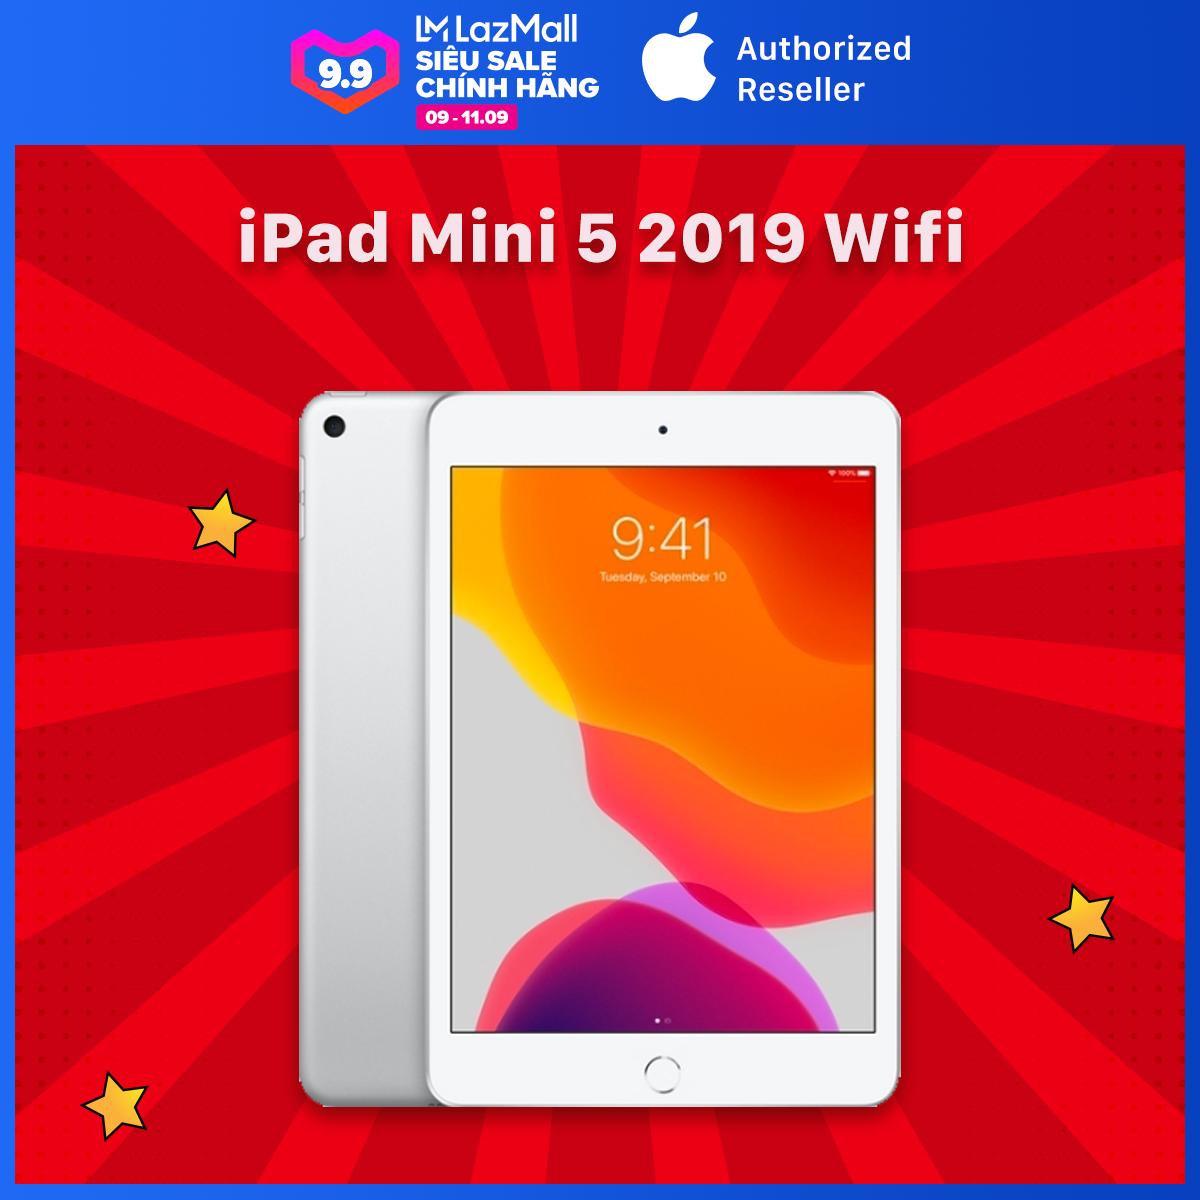 Máy Tính Bảng iPad Mini 5 (2019) 7.9 inch – Wifi – Hàng Chính Hãng Việt Nam – Mới 100% (Chưa Kích Hoạt) – Trả Góp 0% – Màn hình Retina True Tone Tương Thích Apple Pencil Thế Hệ 1- Chip A12 Bionic Mạnh Mẽ – Hệ điều hành iPadOS